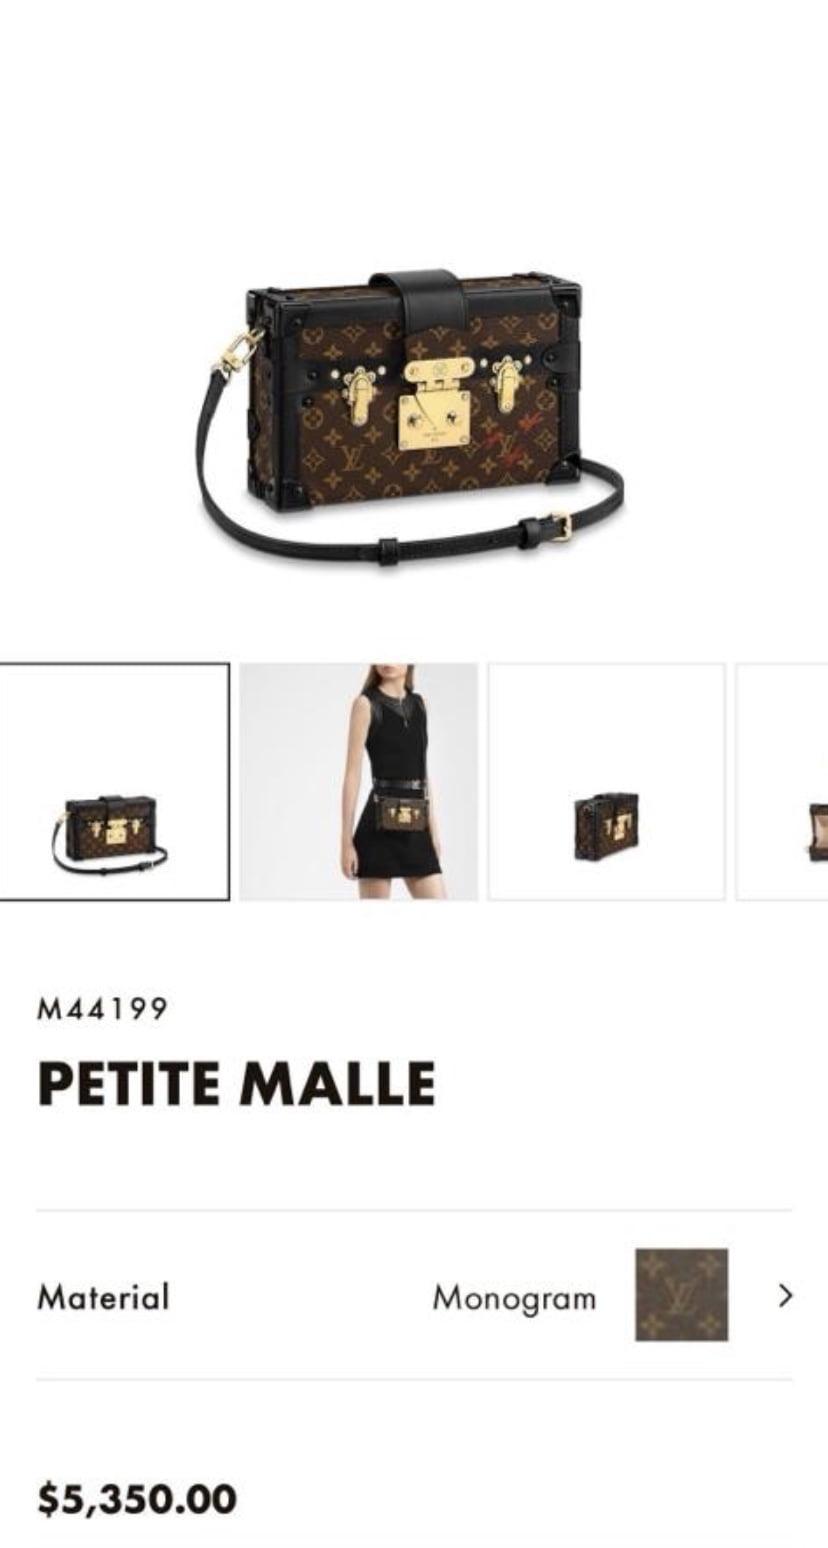 Louis Vuitton Petite Malle 2020 Price